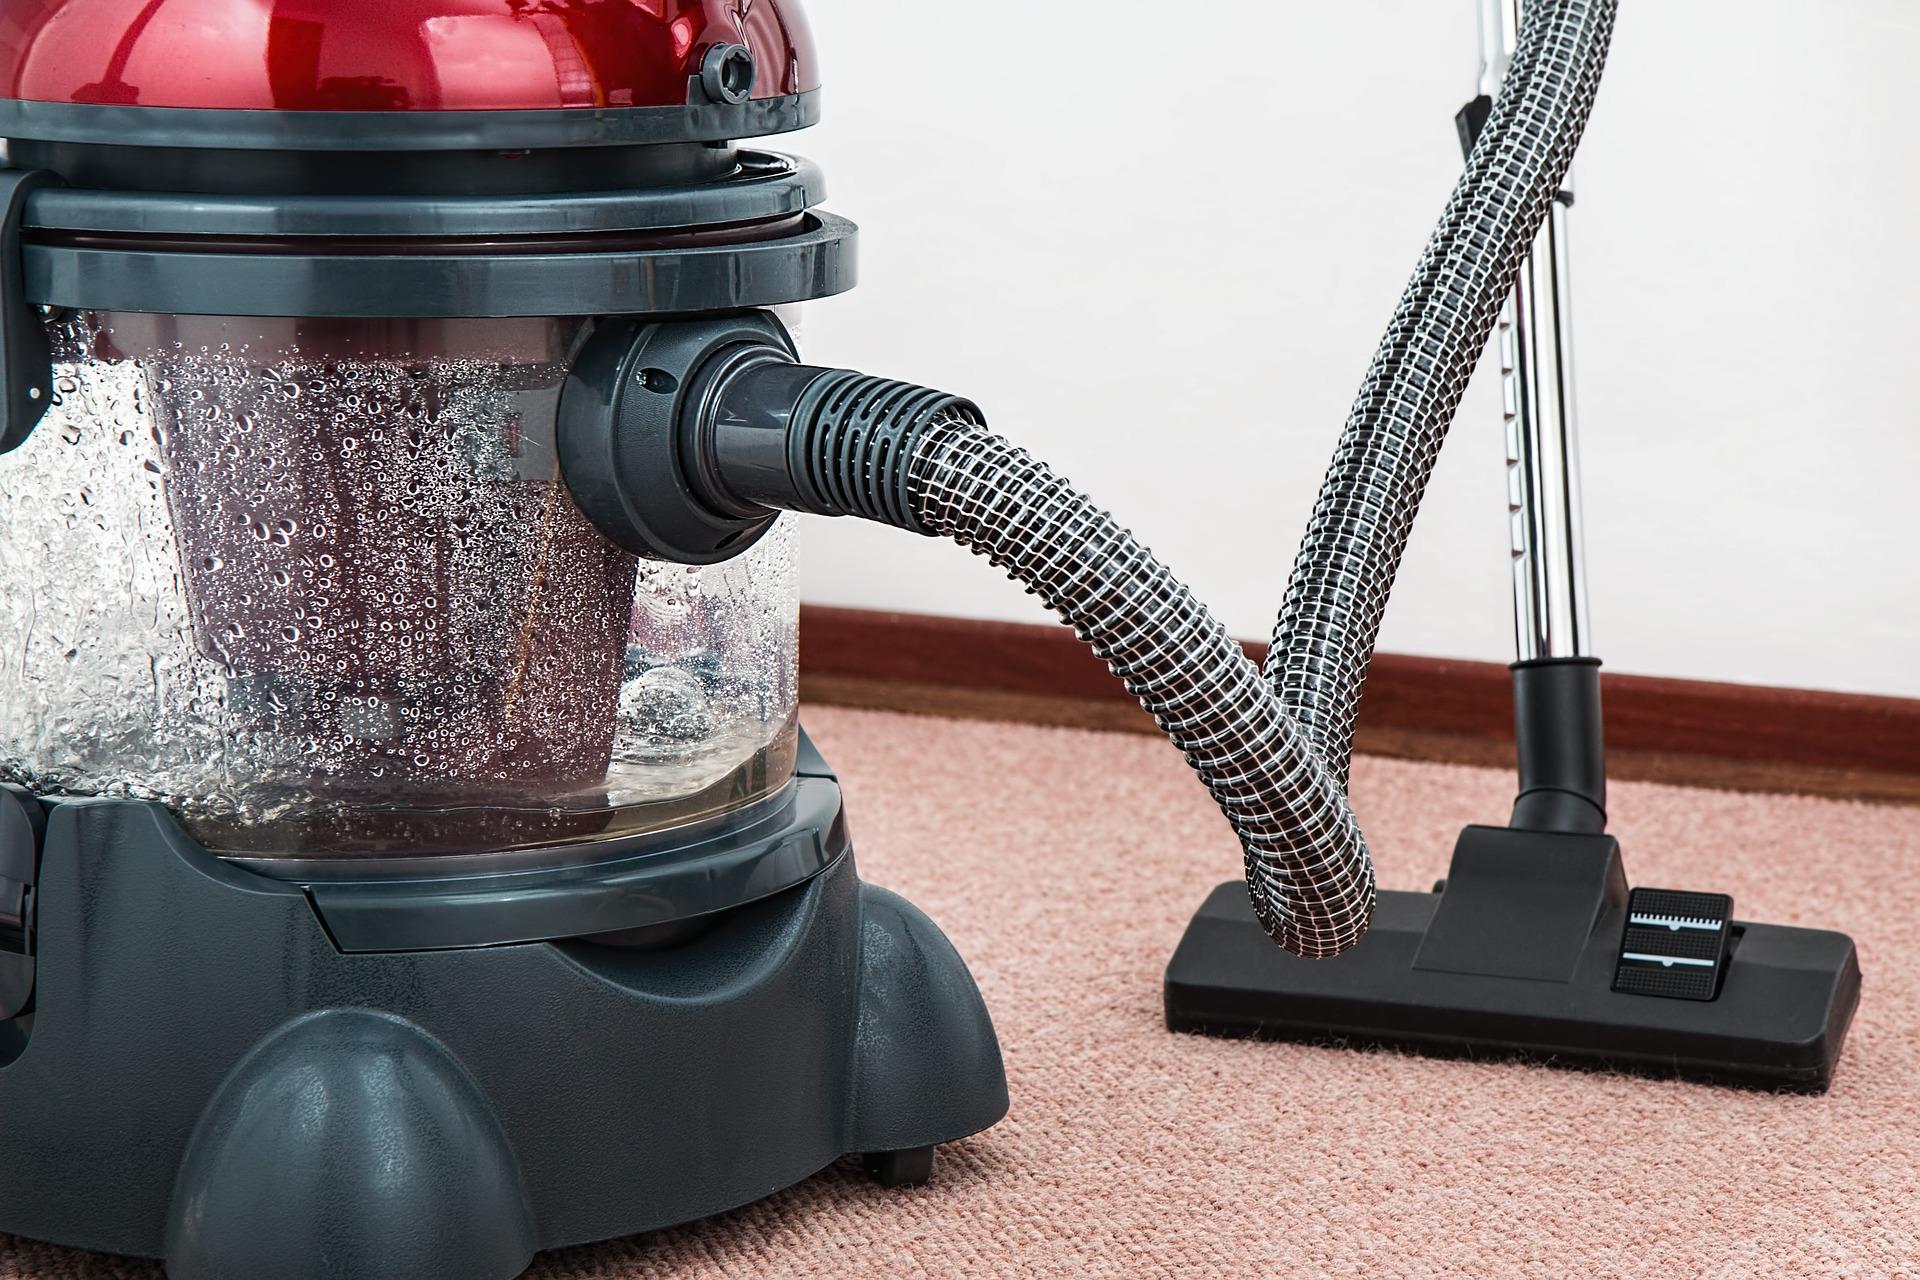 Carpet cleaner and vacuum